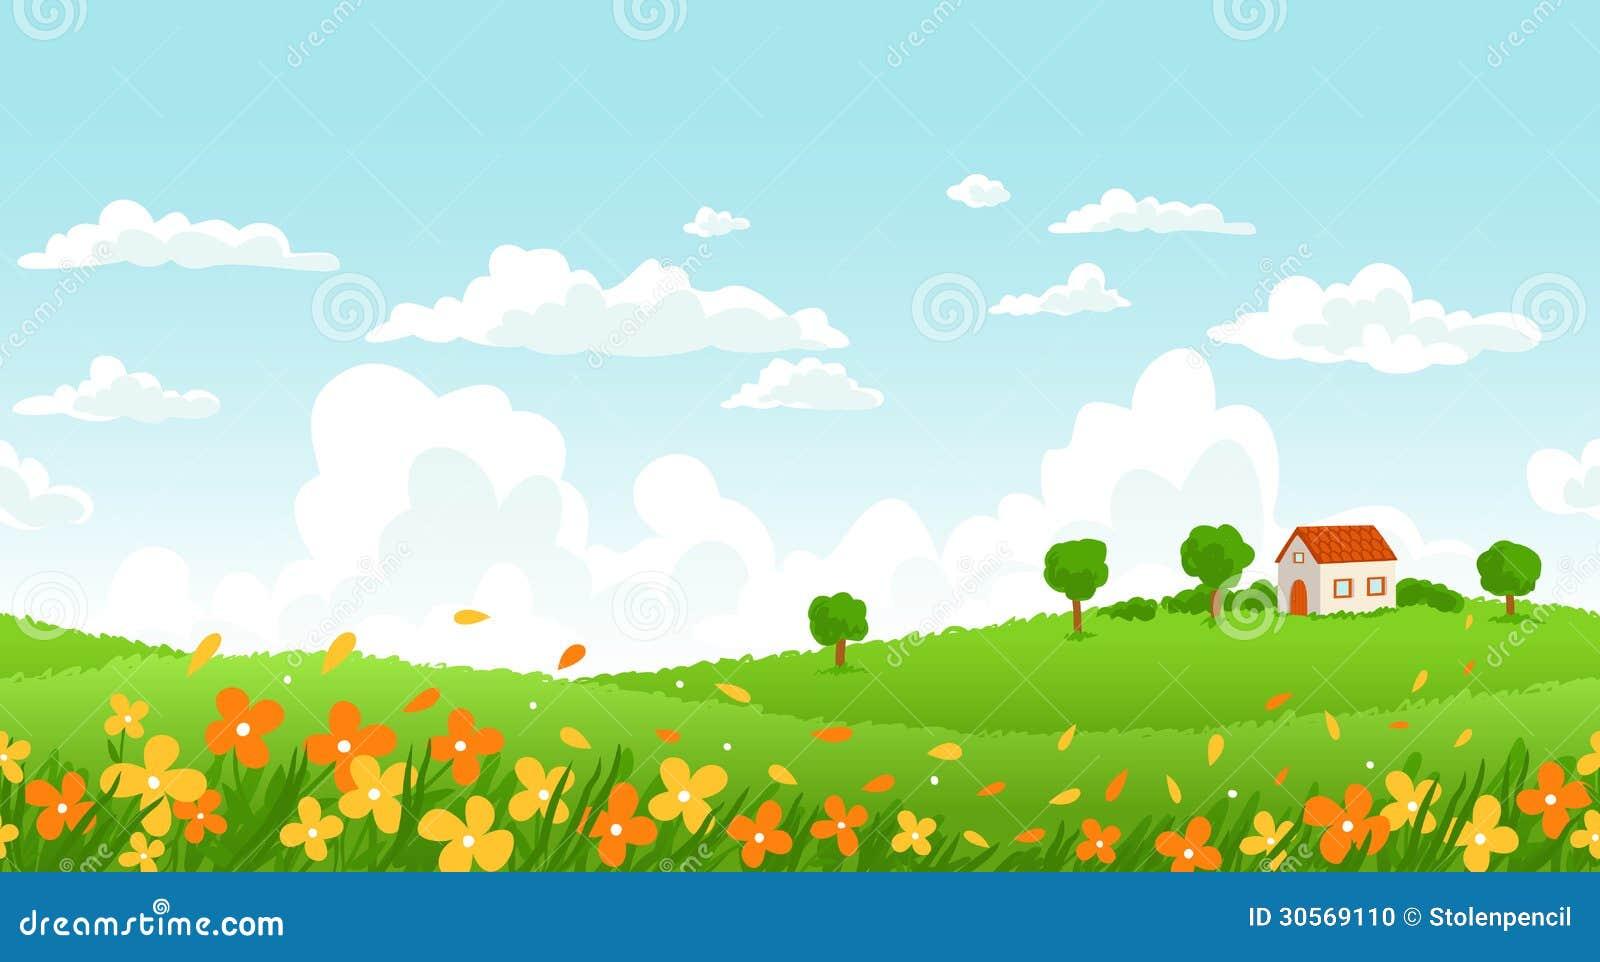 Sunny Day Landscape Stock Photo Image 30569110